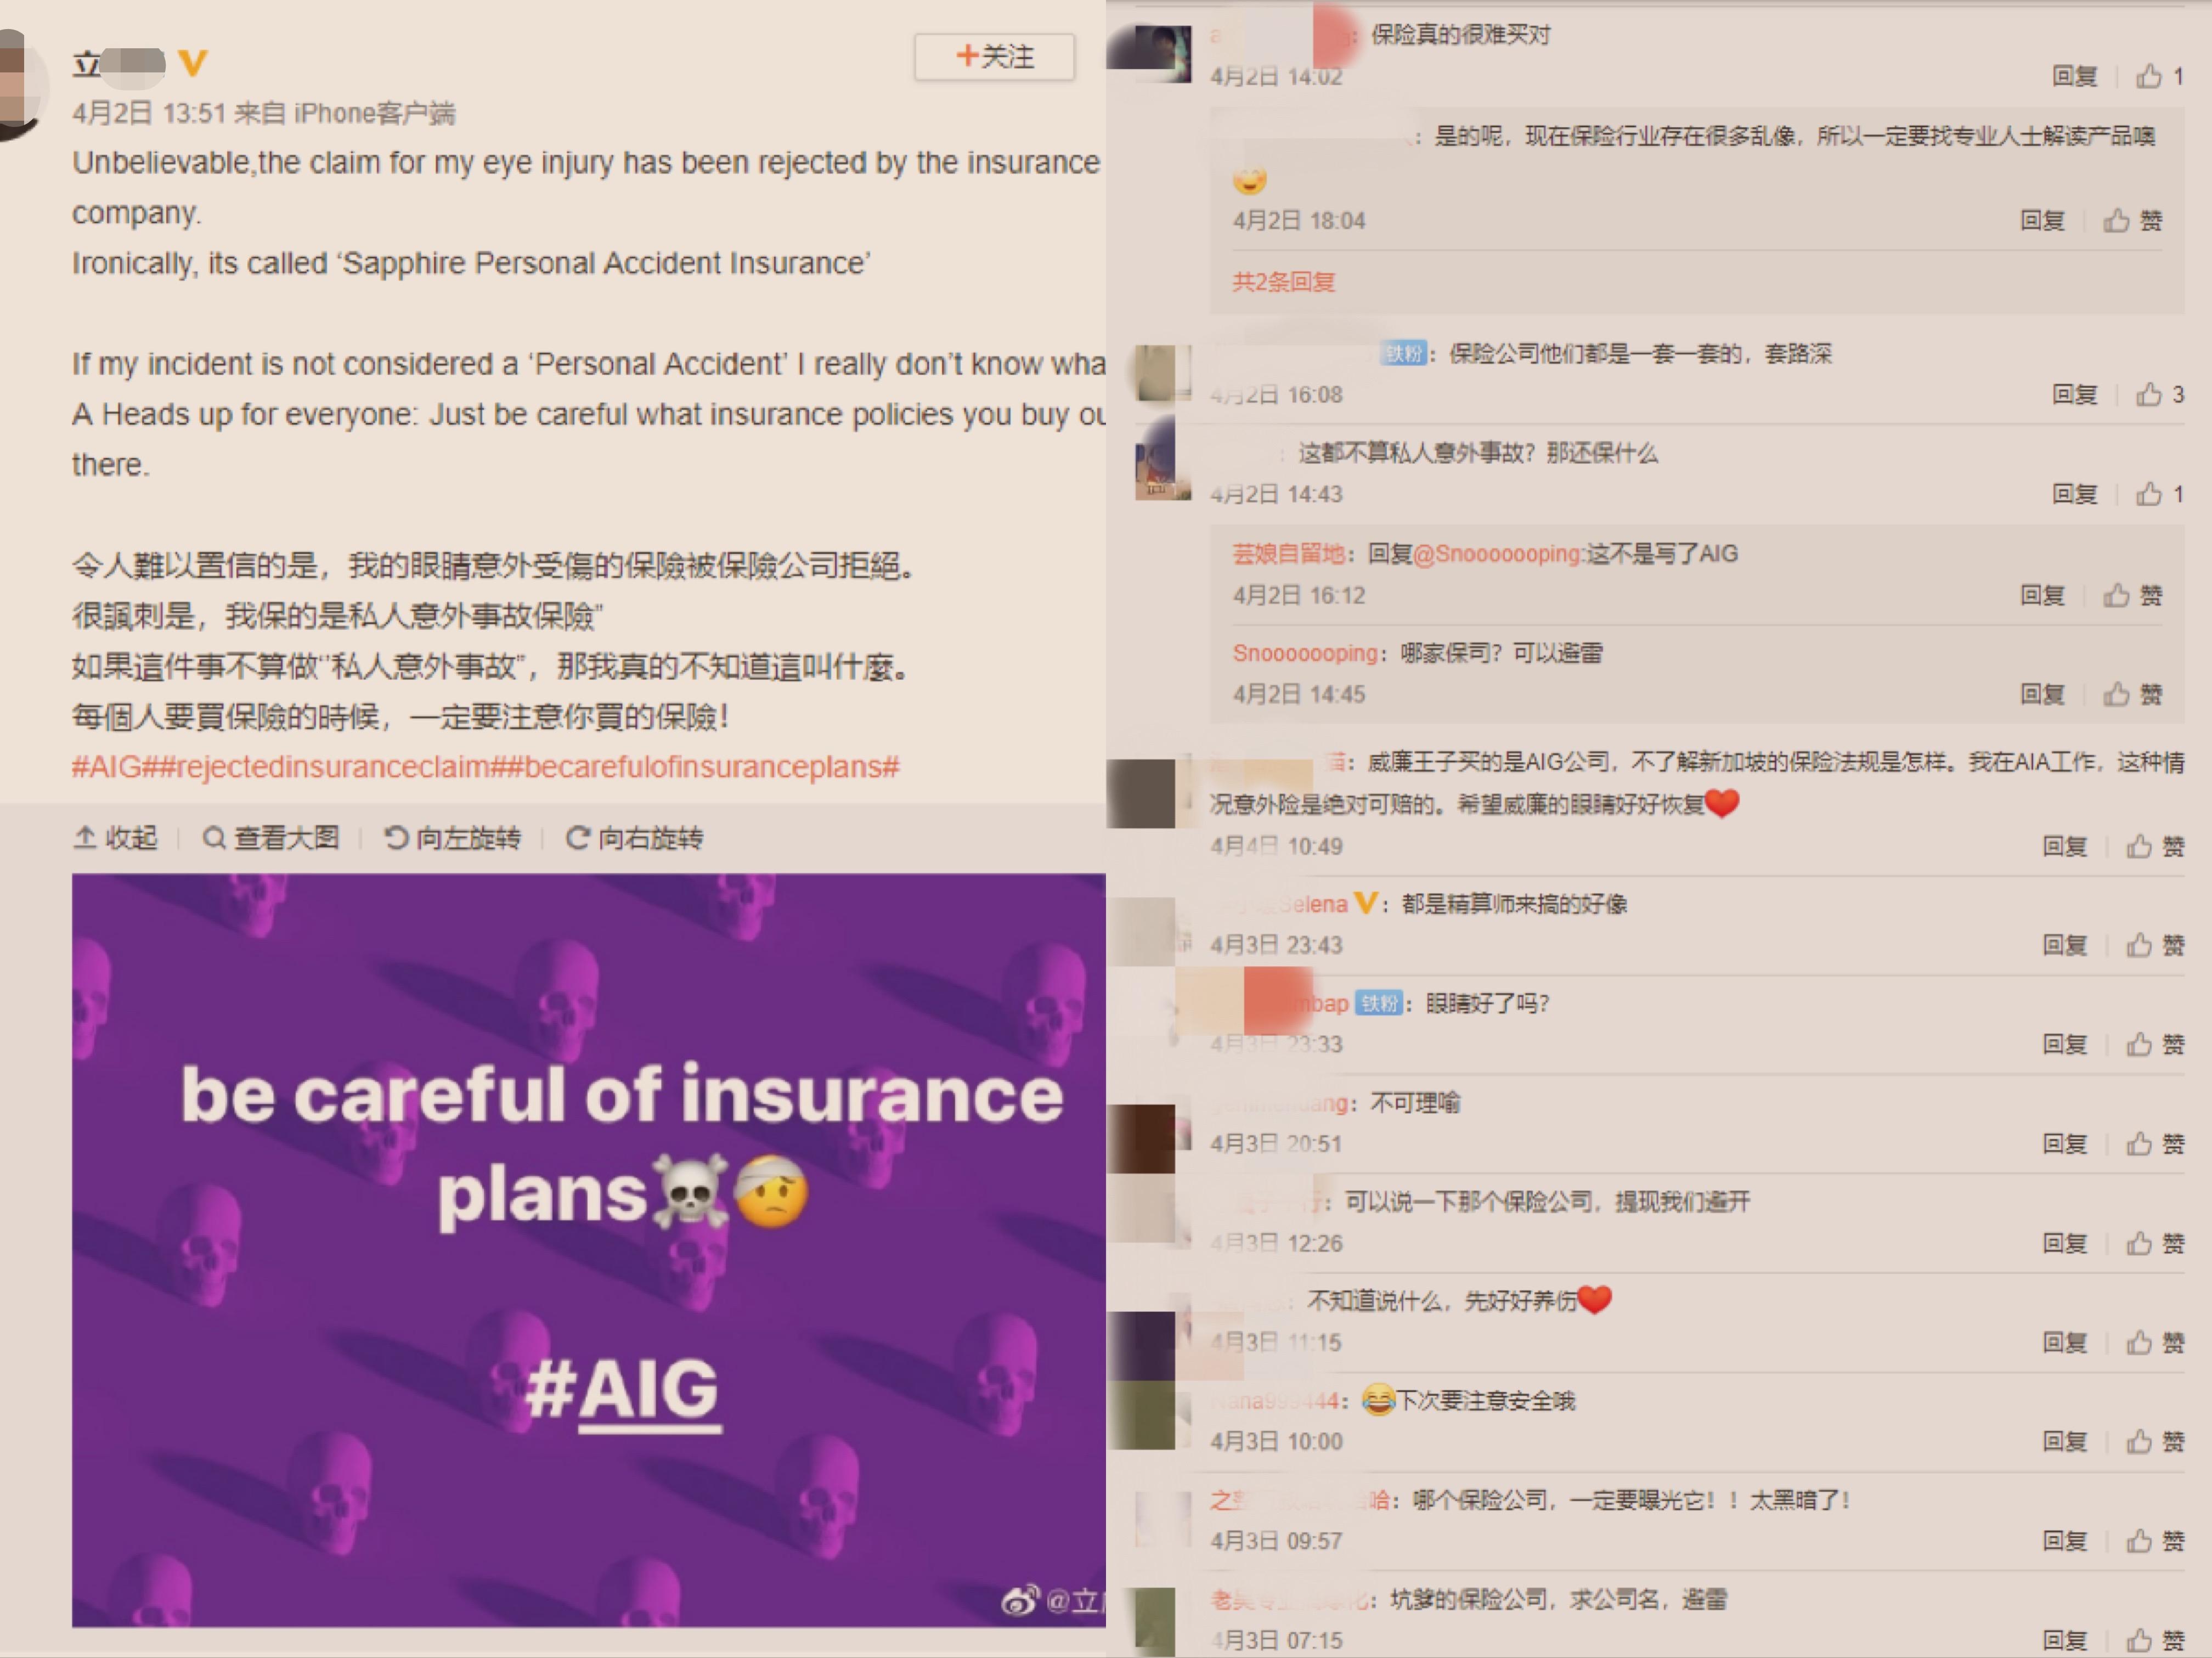 """眼睛意外受伤遭AIG拒赔 演员质疑何为""""私人意外事故"""""""